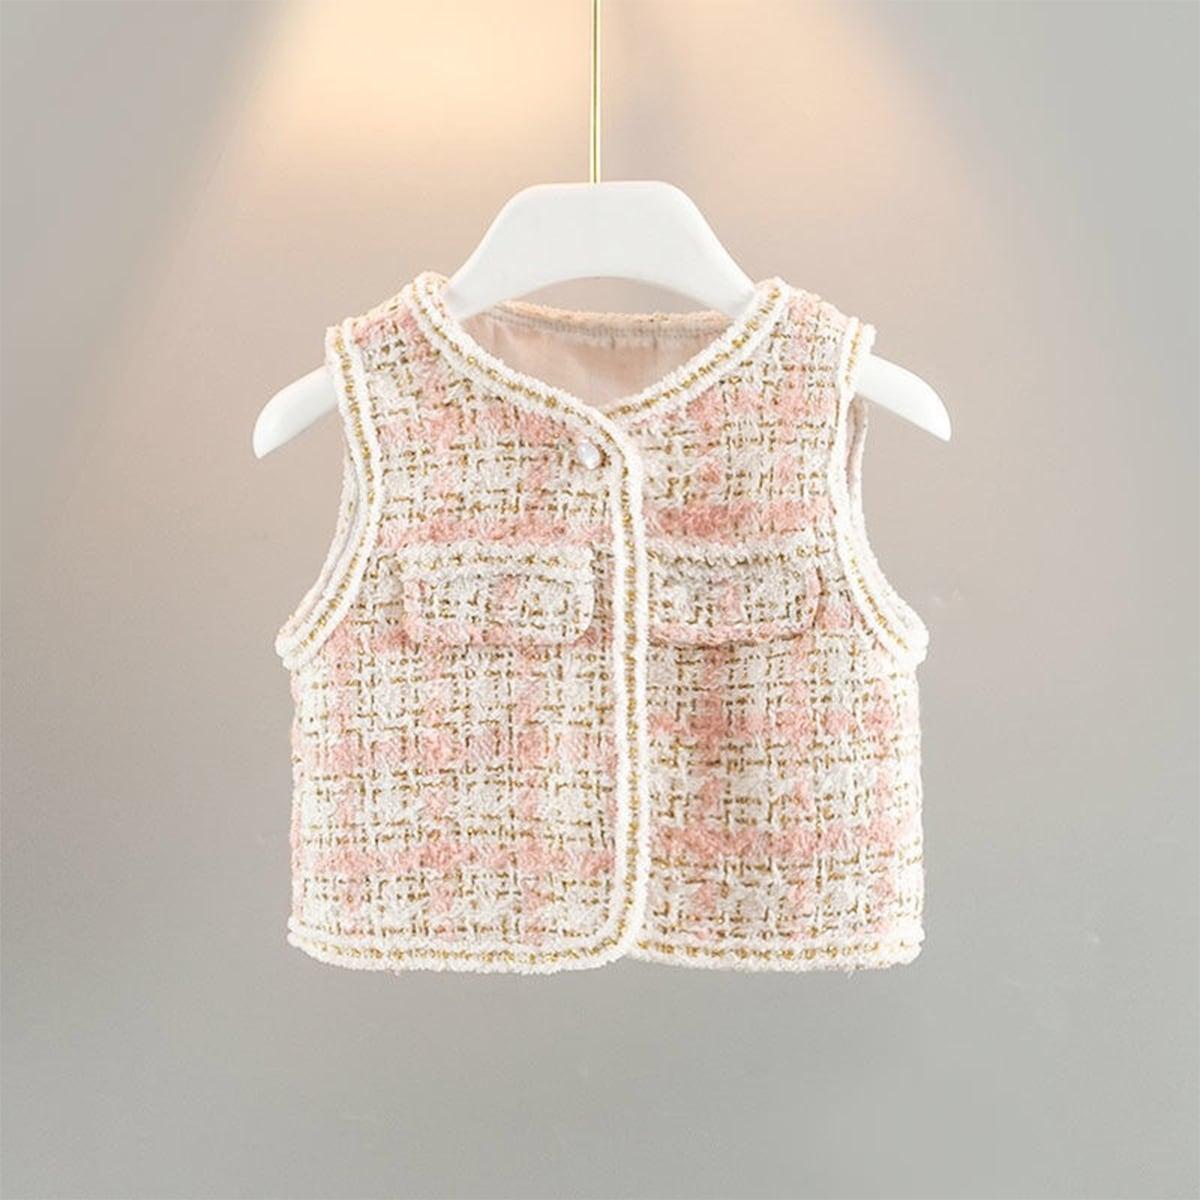 Клетчатый повседневный куртки для девочек